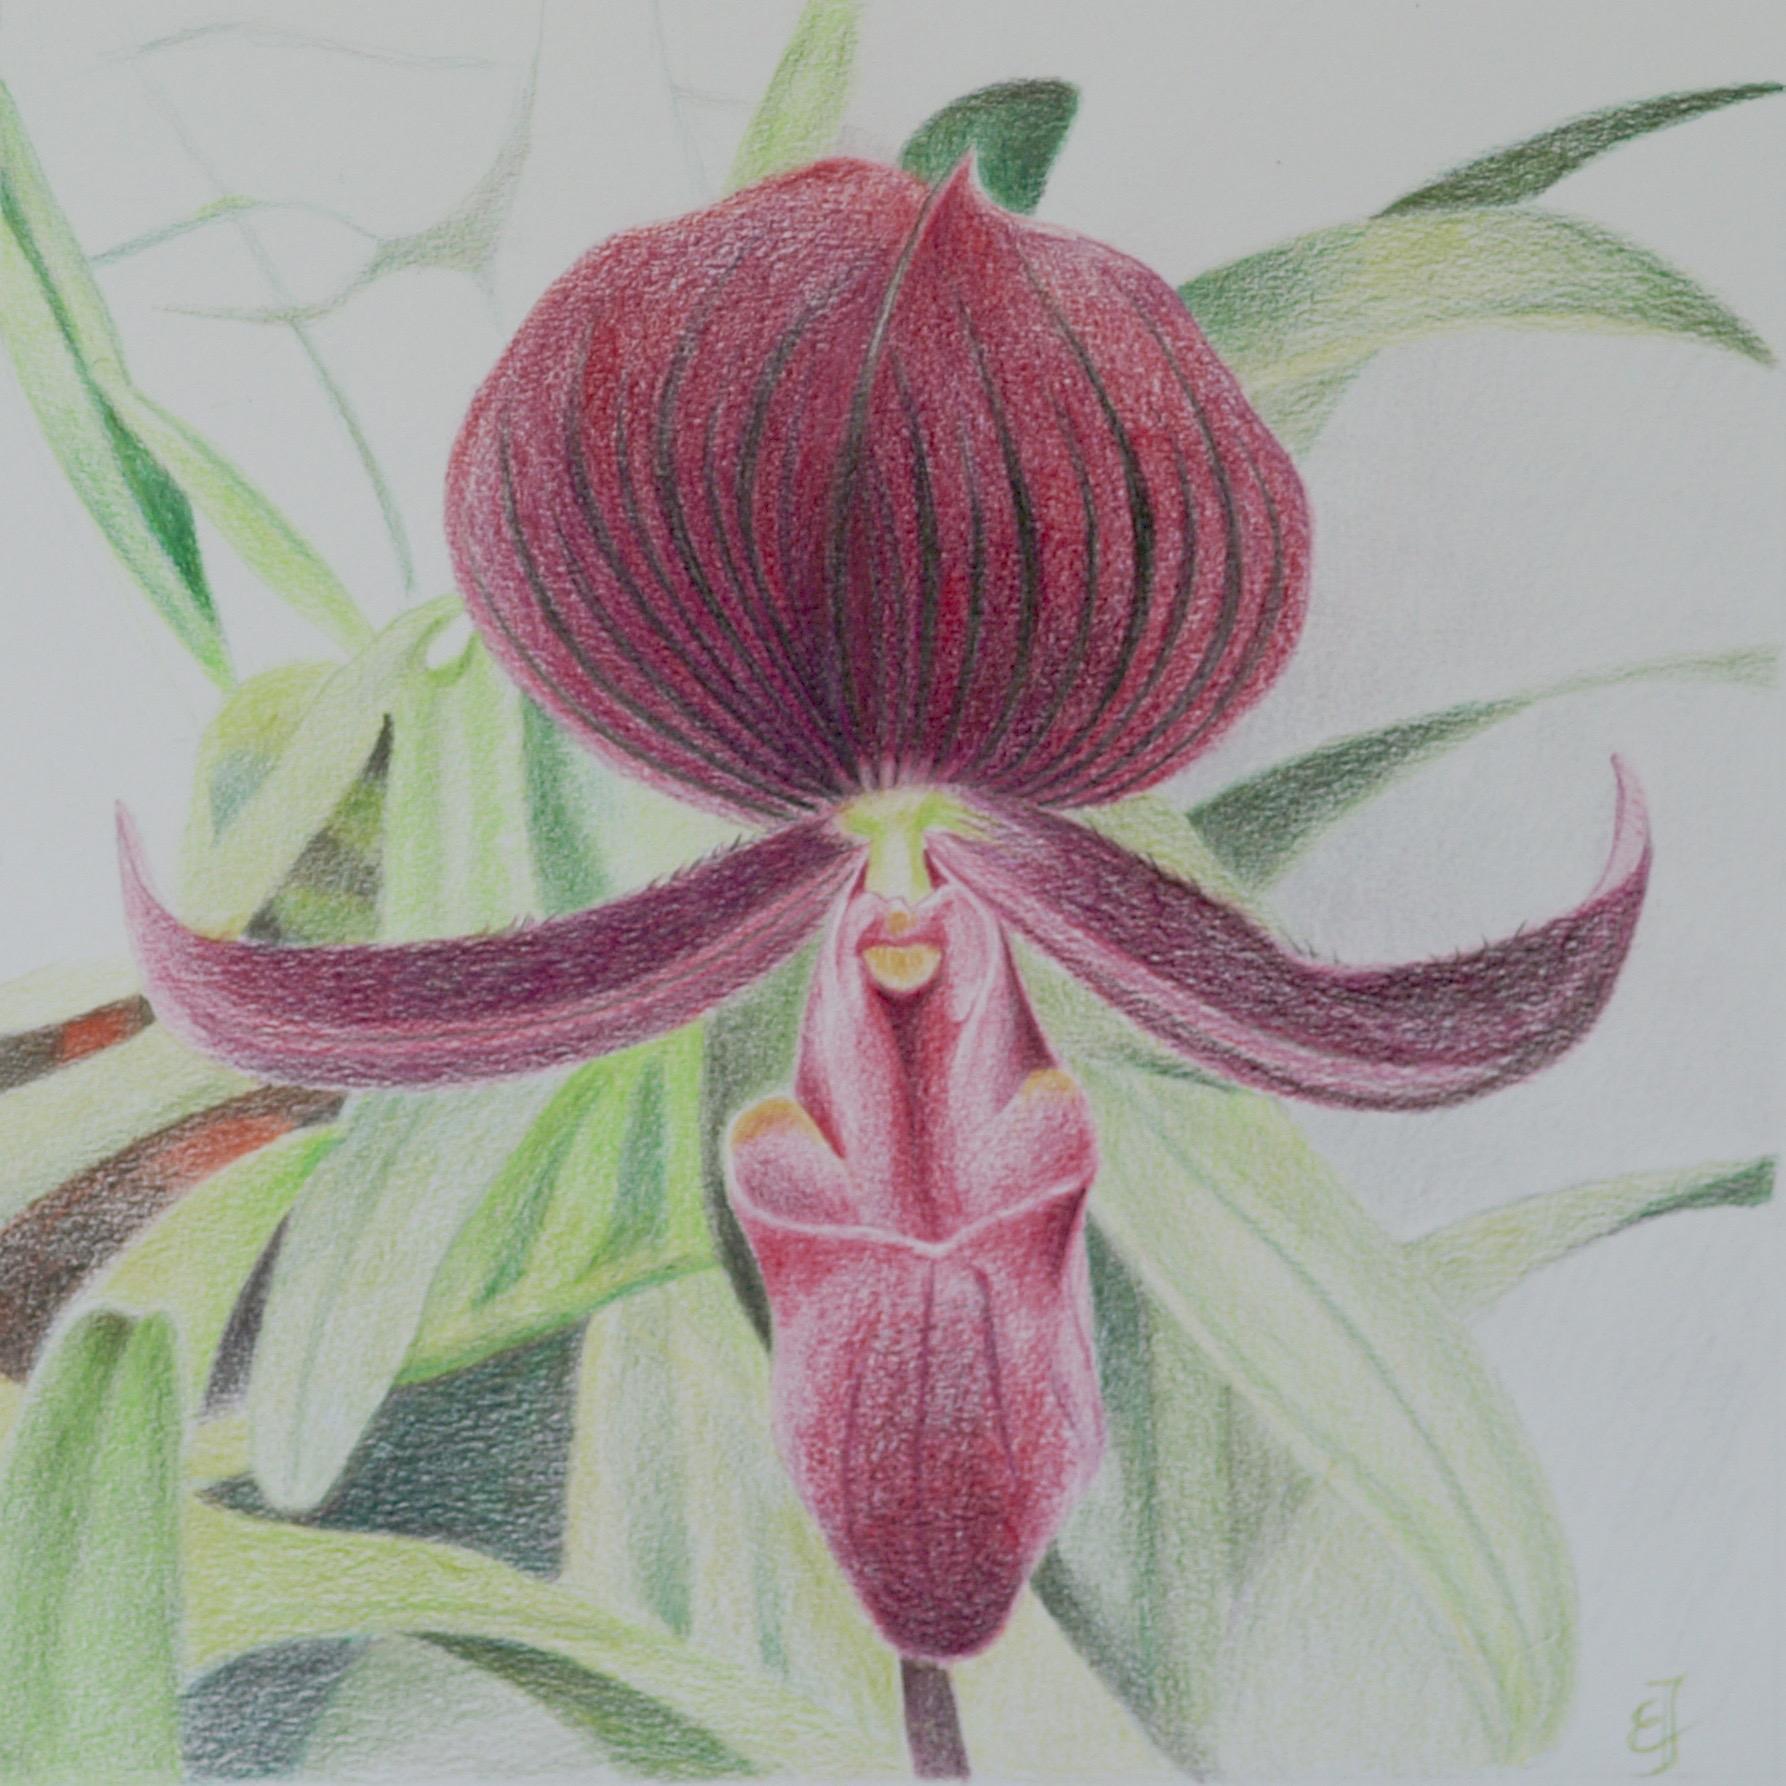 Slipper orchid -Paphiopedilum